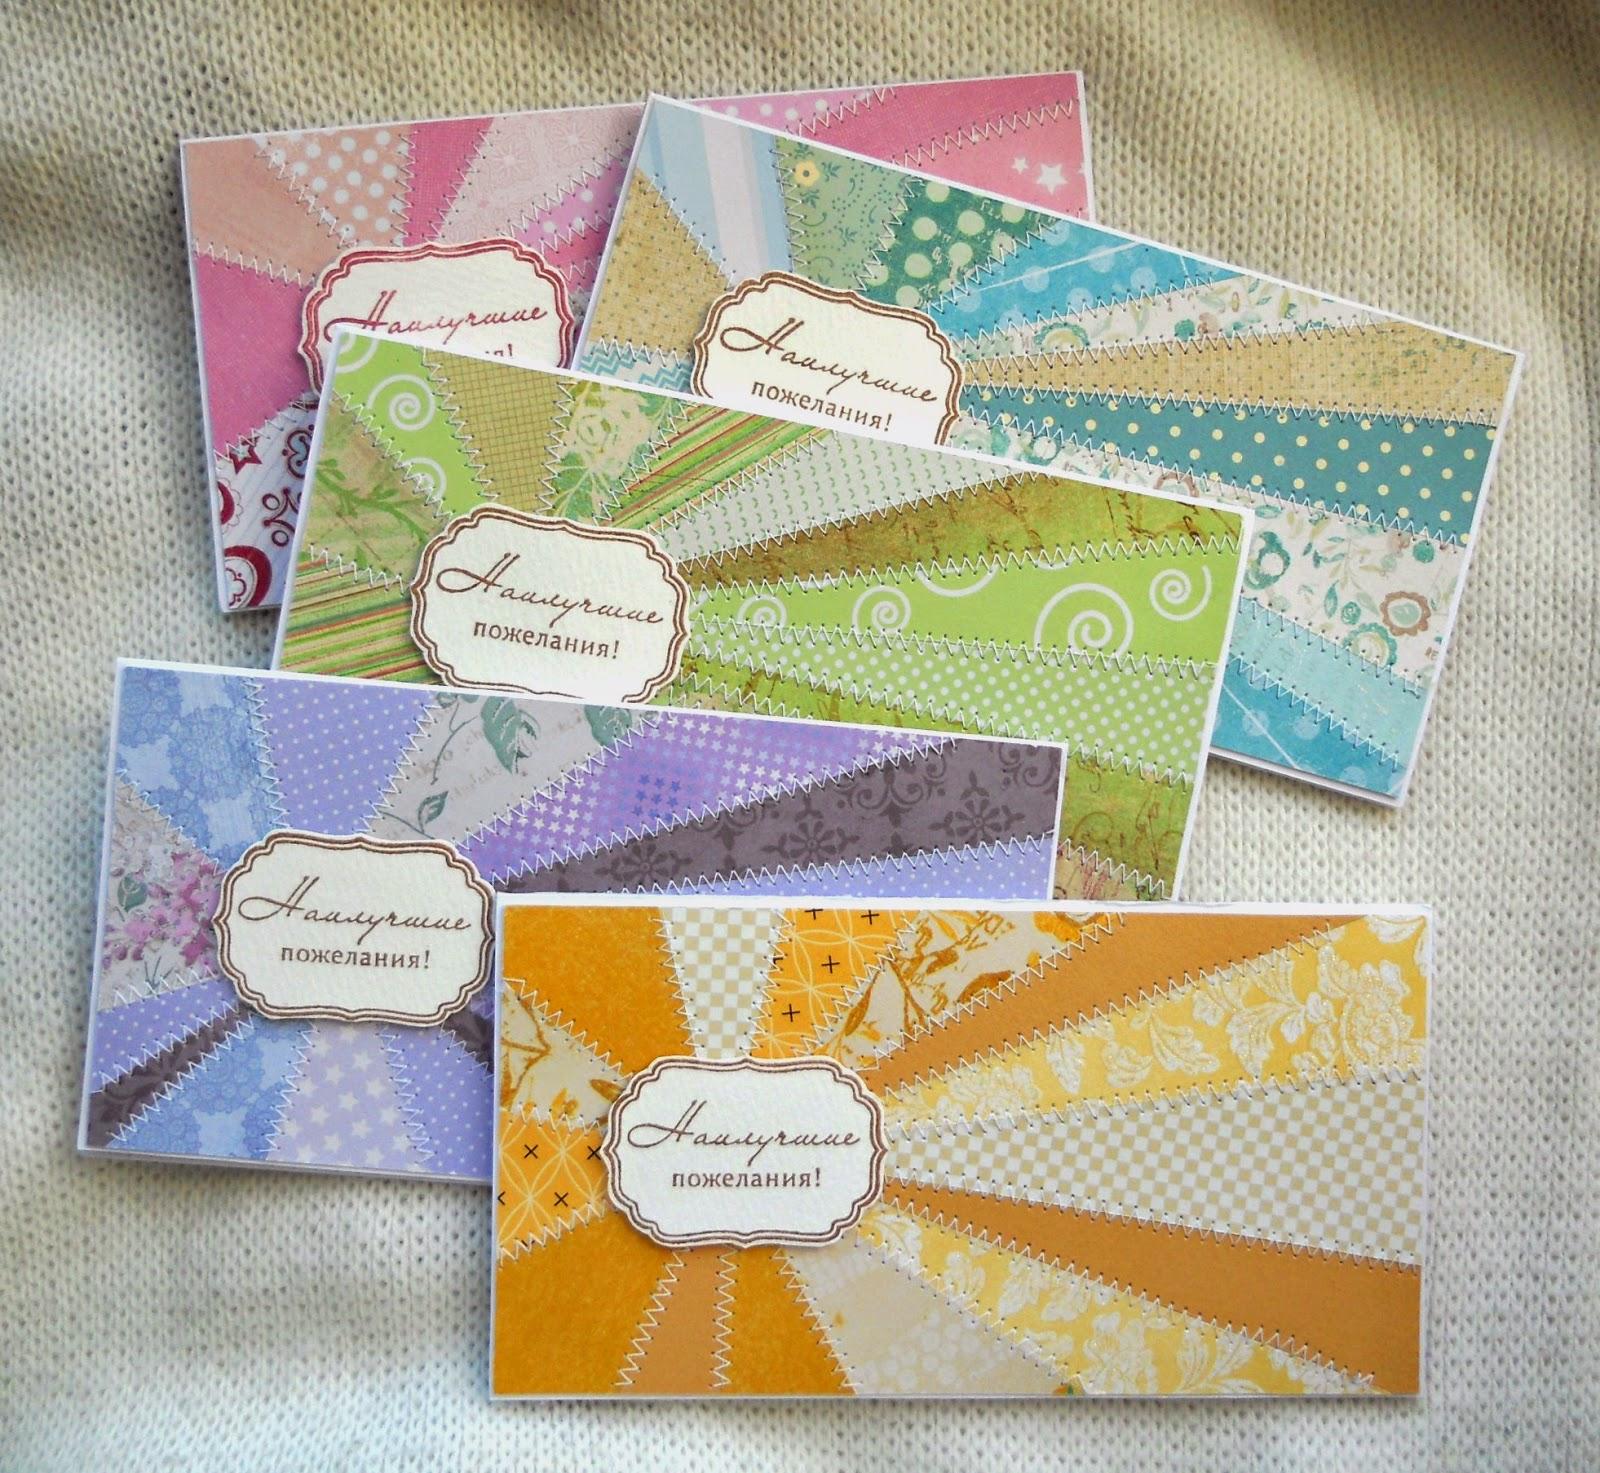 Как сделать открытку с конвертиками для пожеланий 11